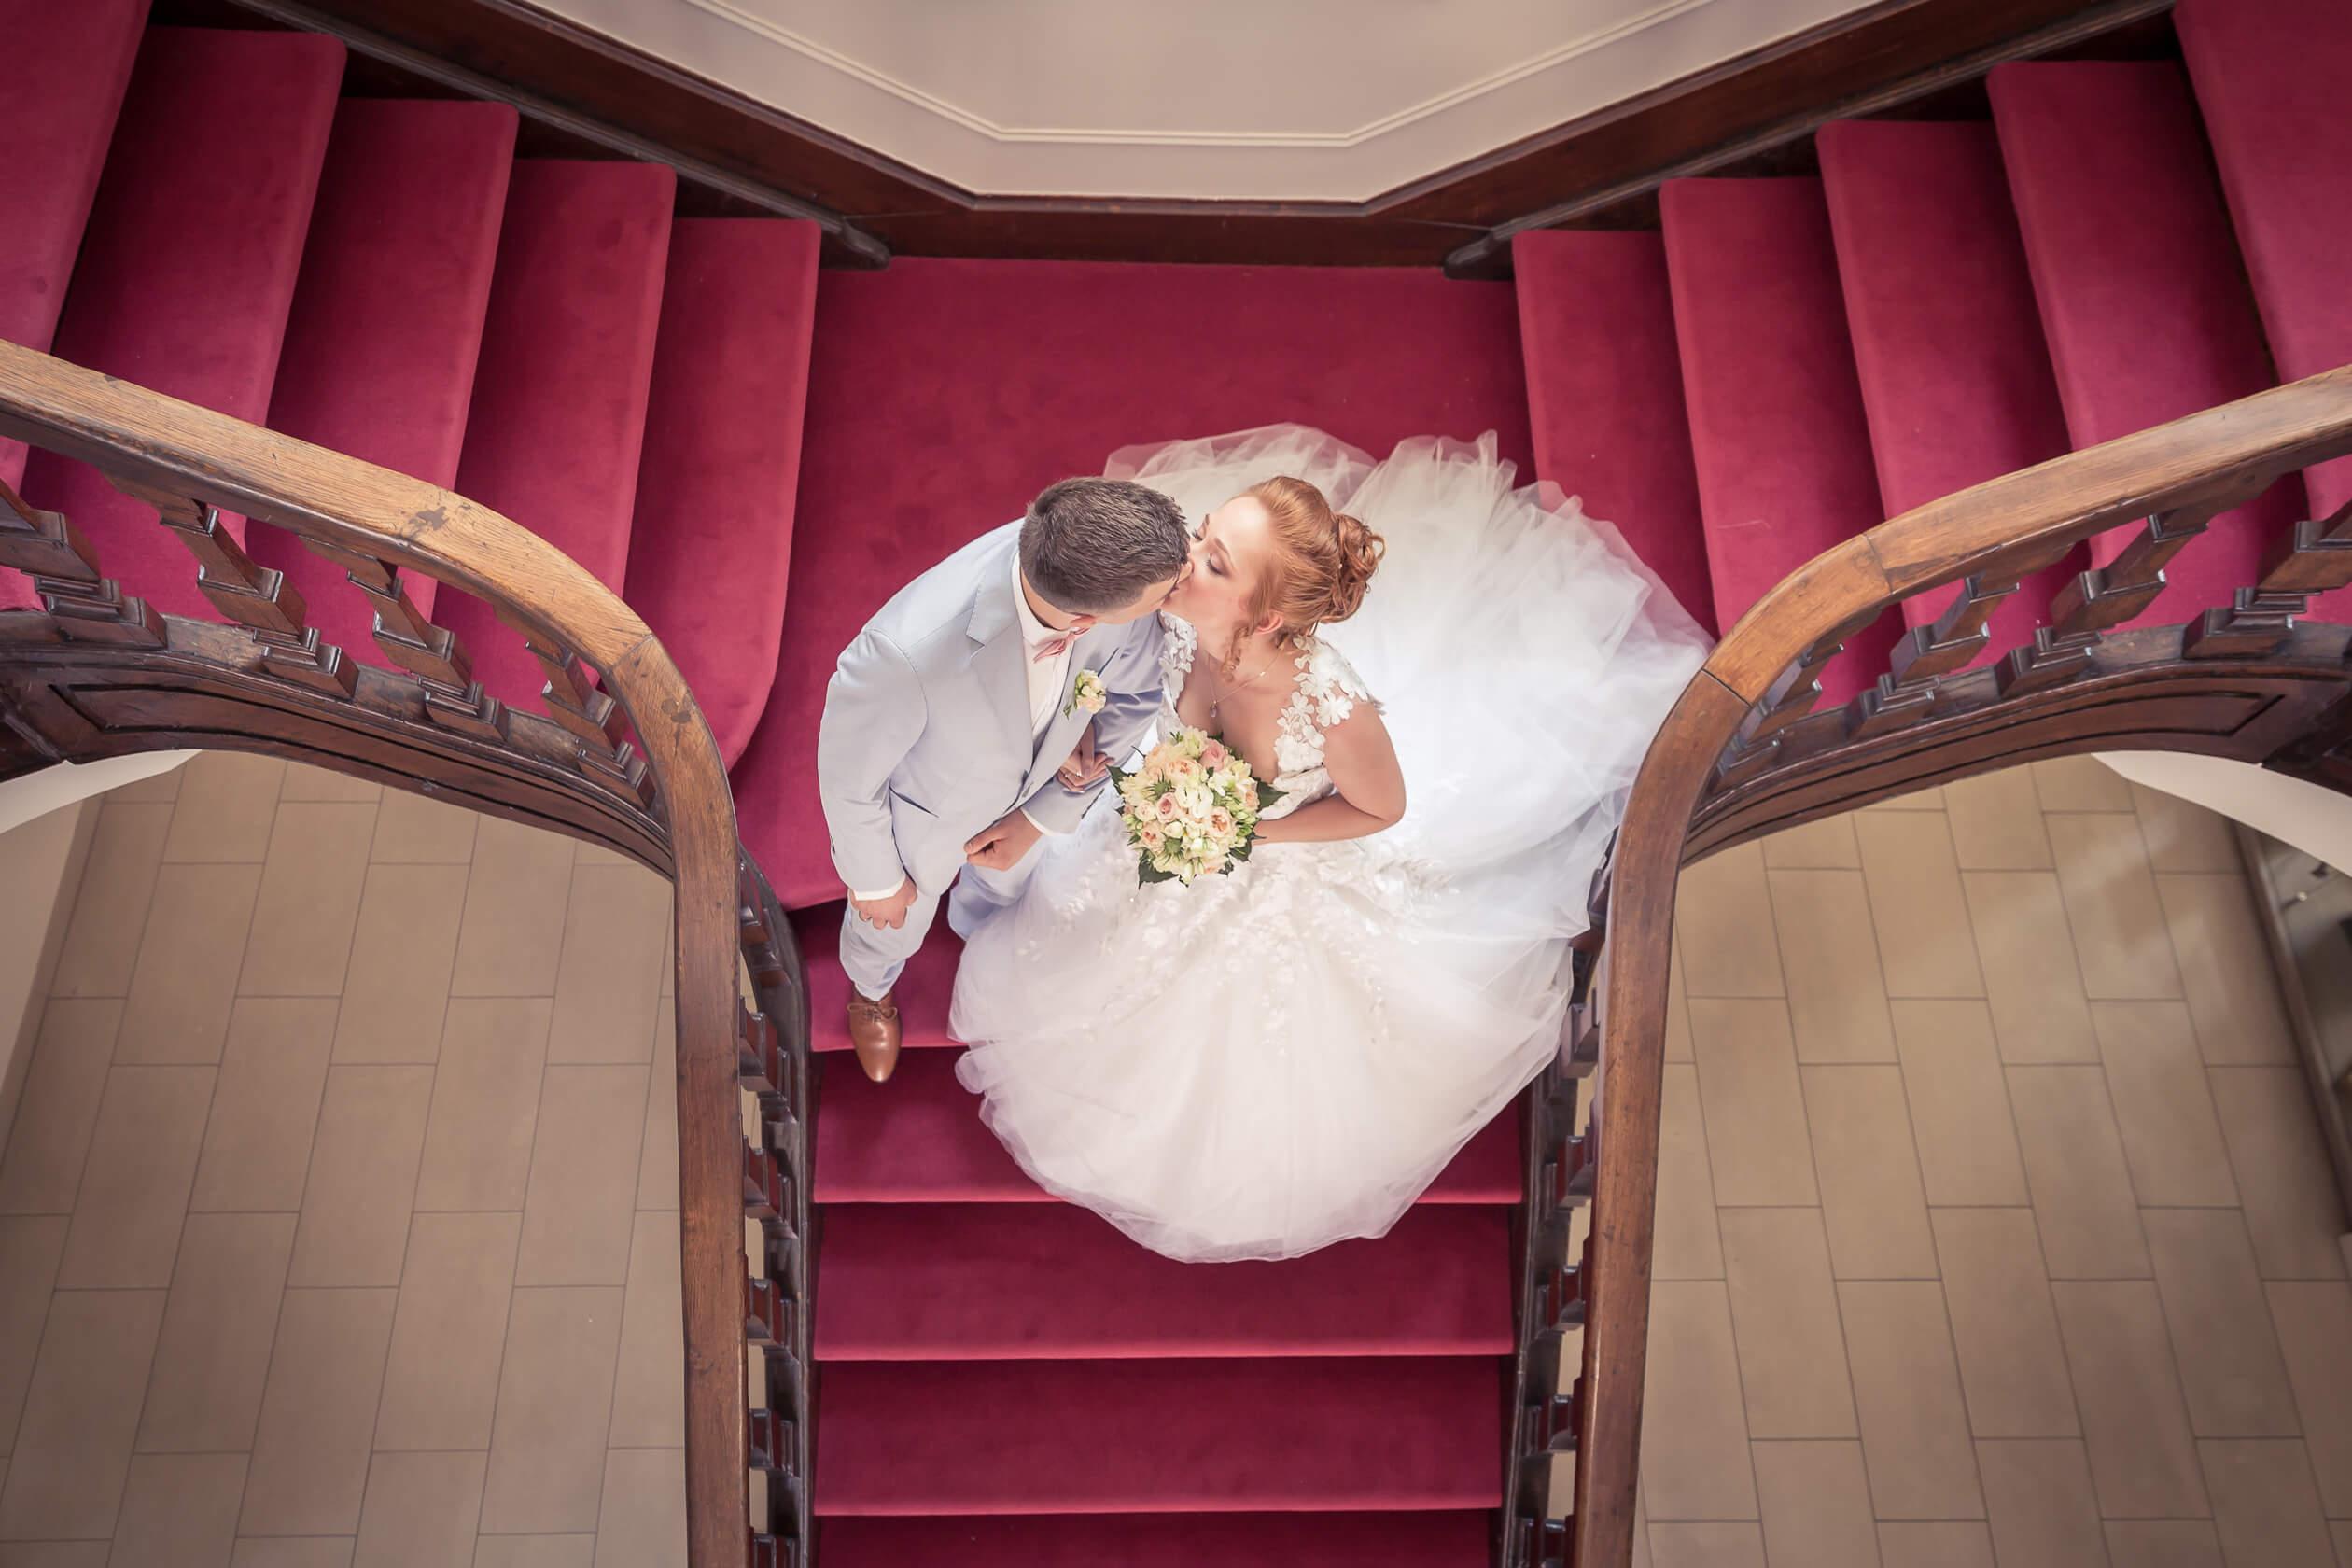 Mariage à la Mairie de Thann dans le Haut-Rhin